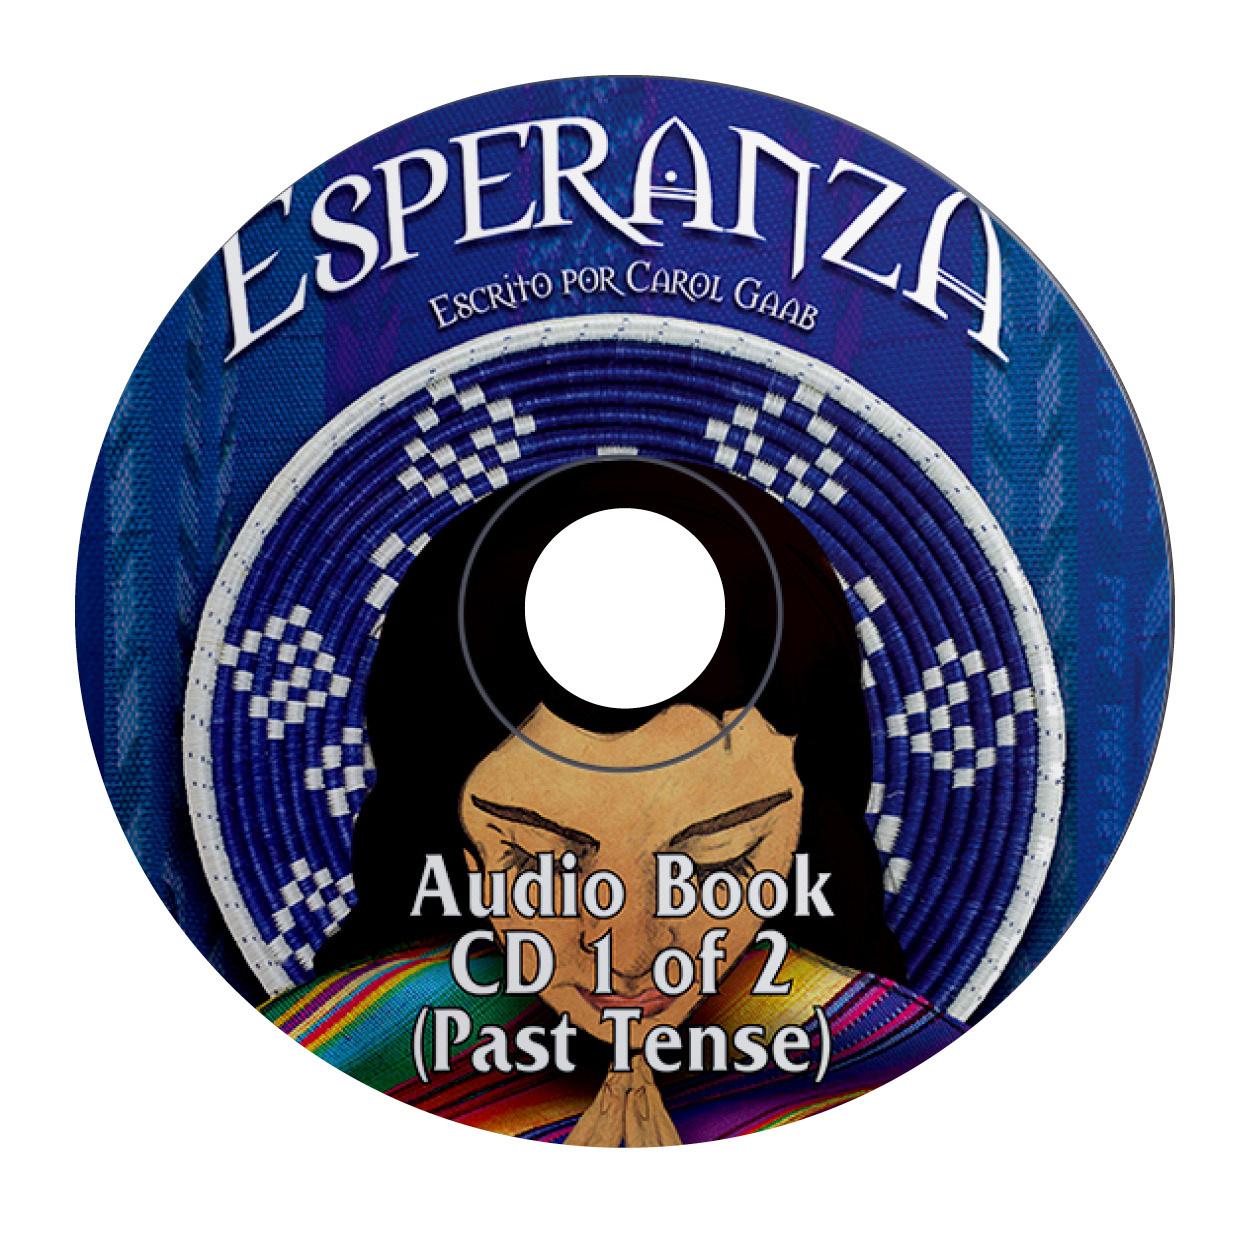 Esperanza - Luisterboek